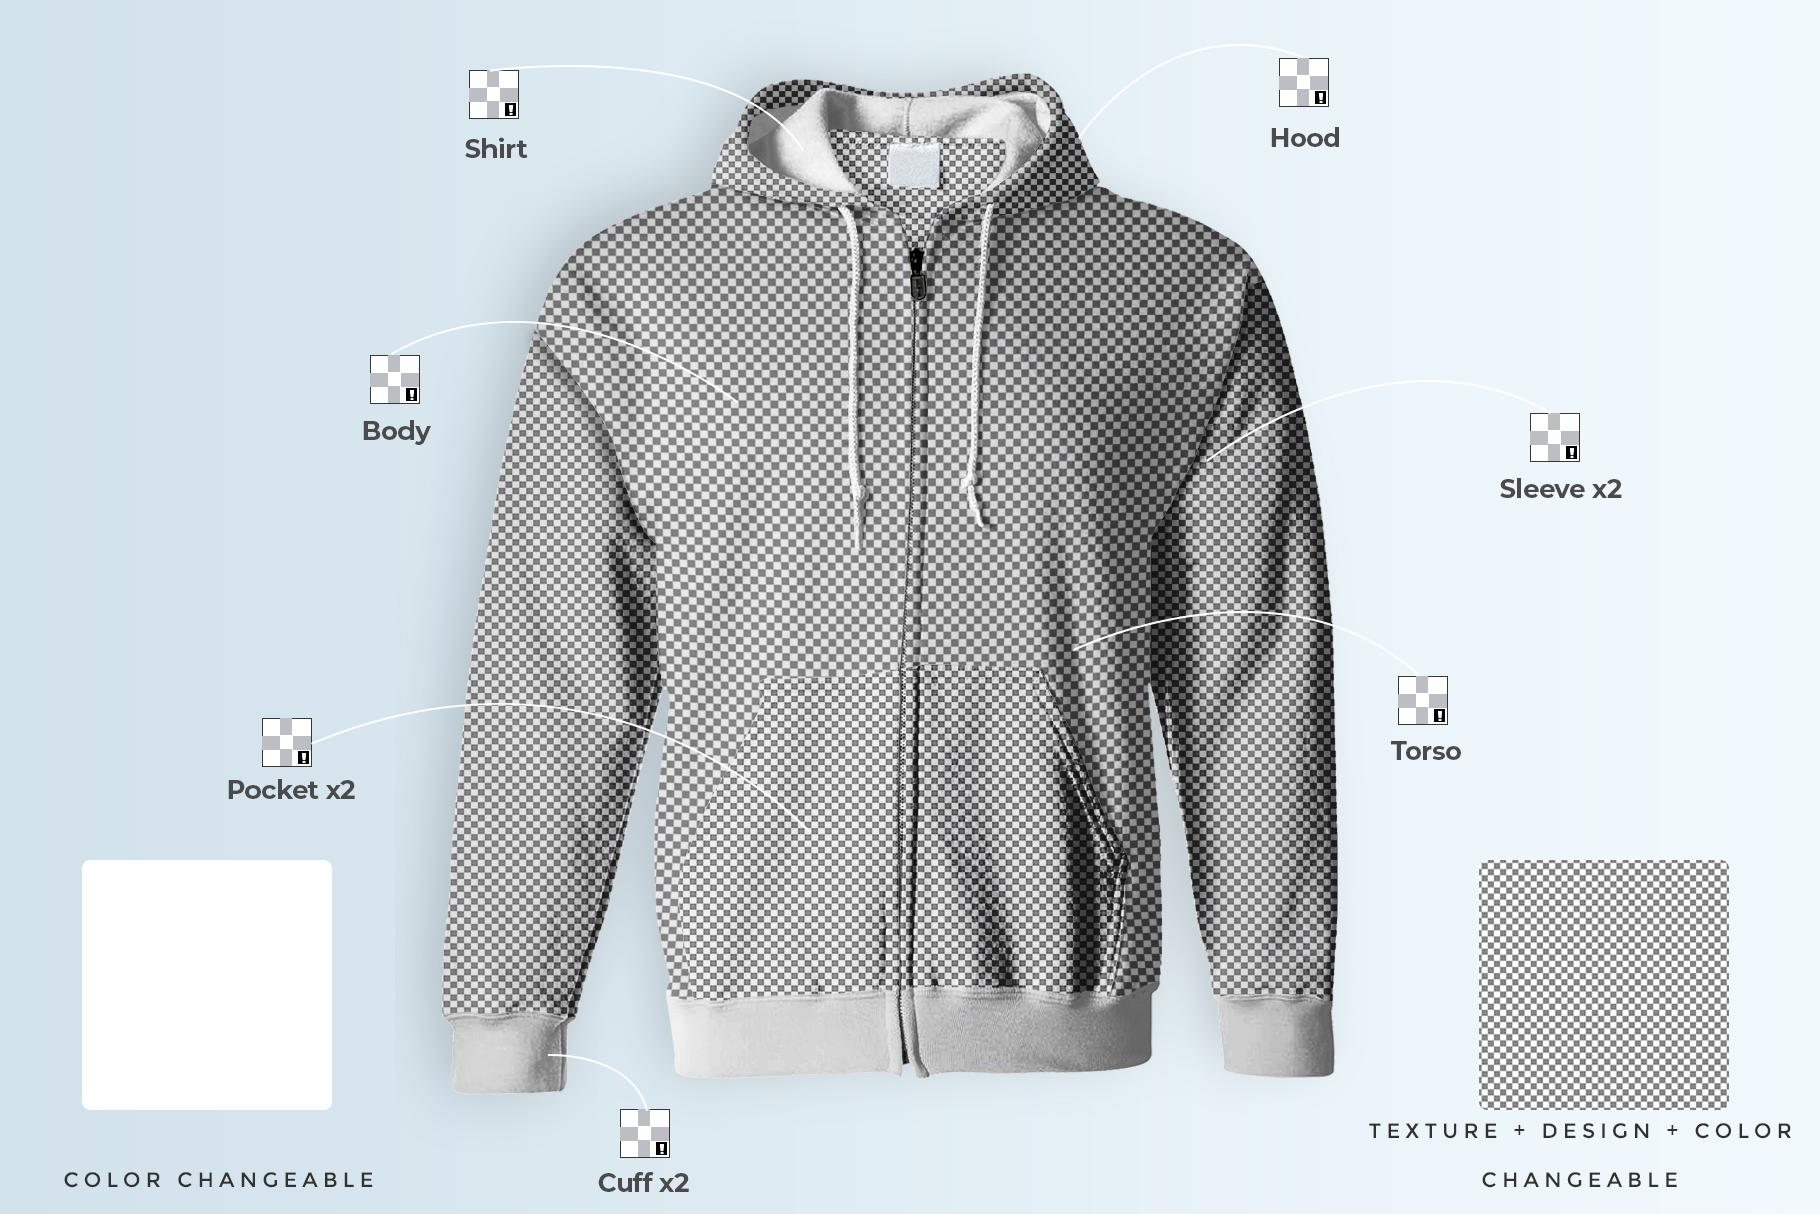 male hoodie sweatshirt mockup image preview 7